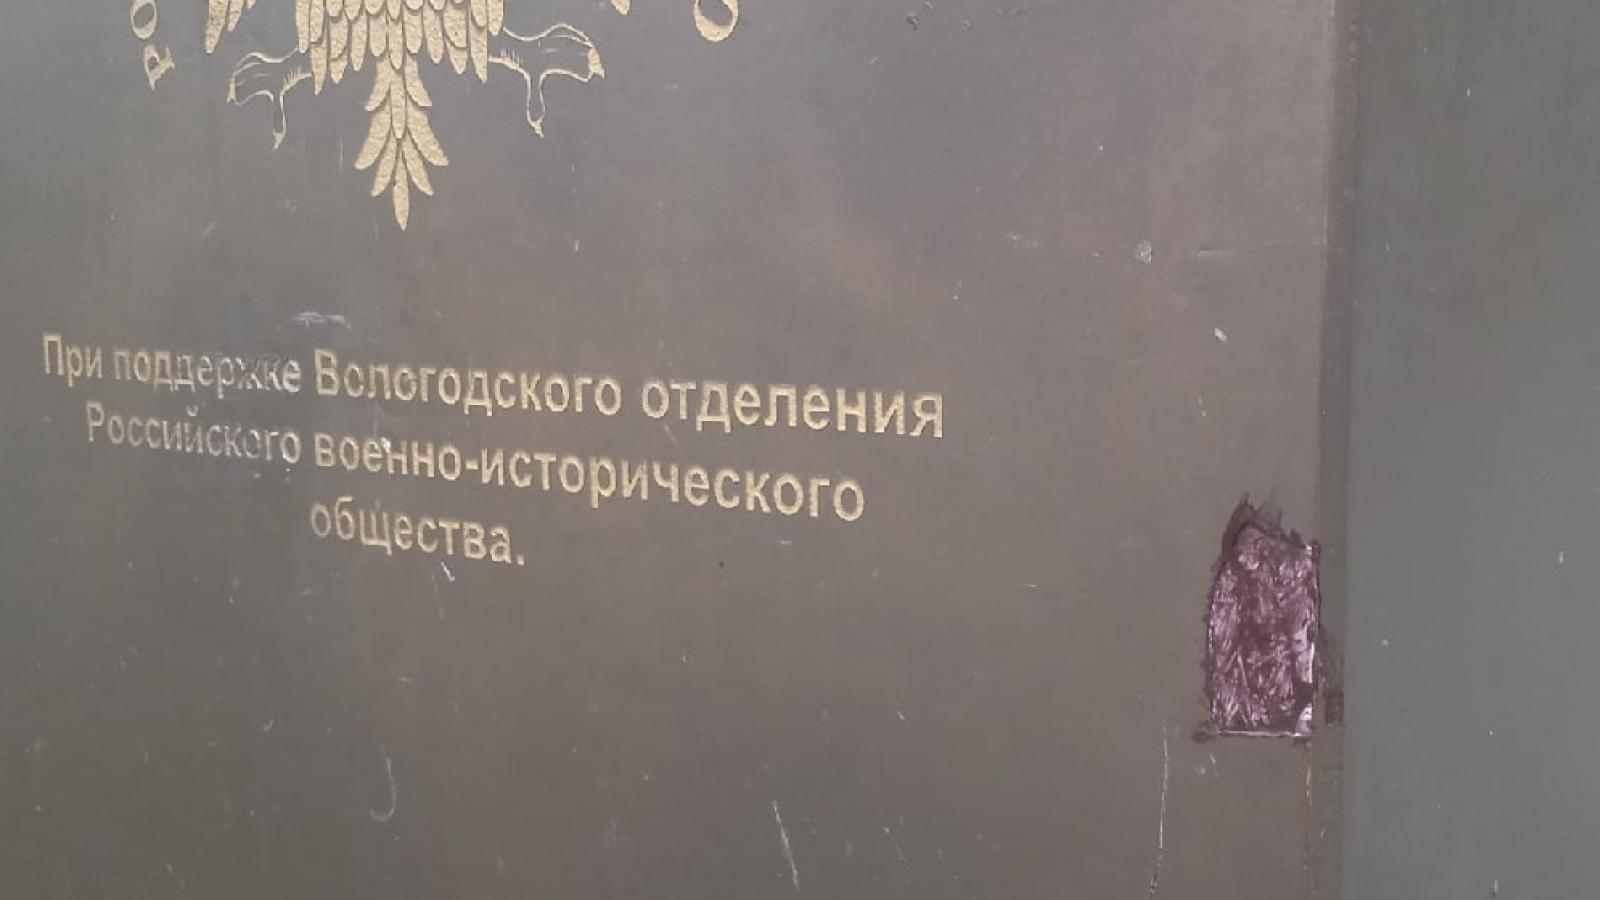 В Вологде памятник «отремонтировали» фломастерами